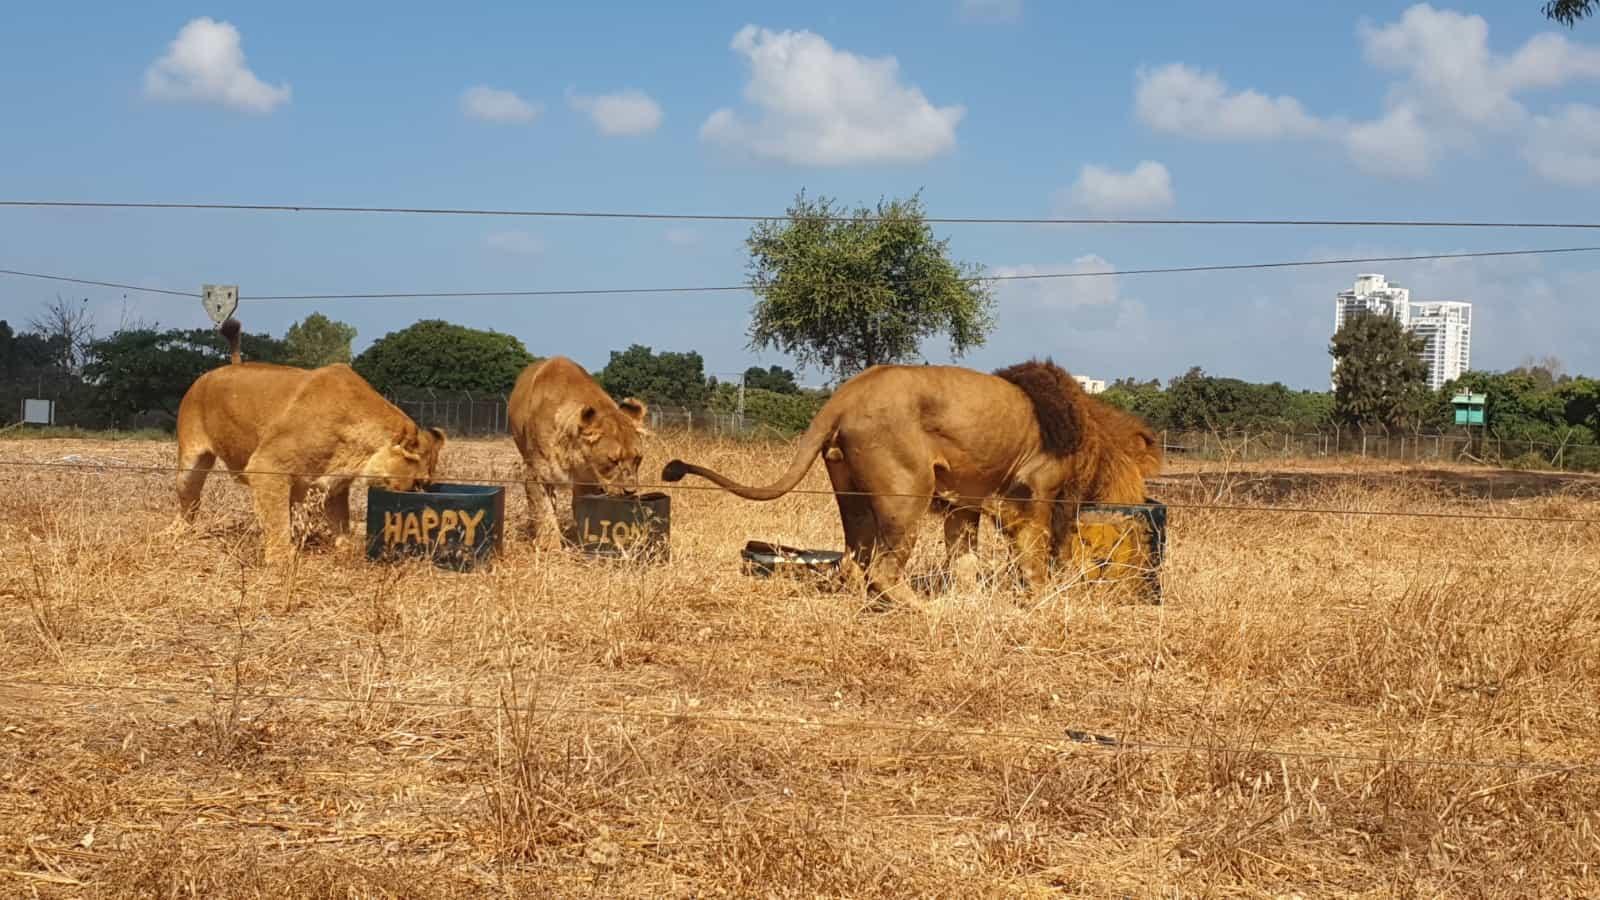 אריות בספארי. צילום: באדיבות דוברות ספארי רמת גן